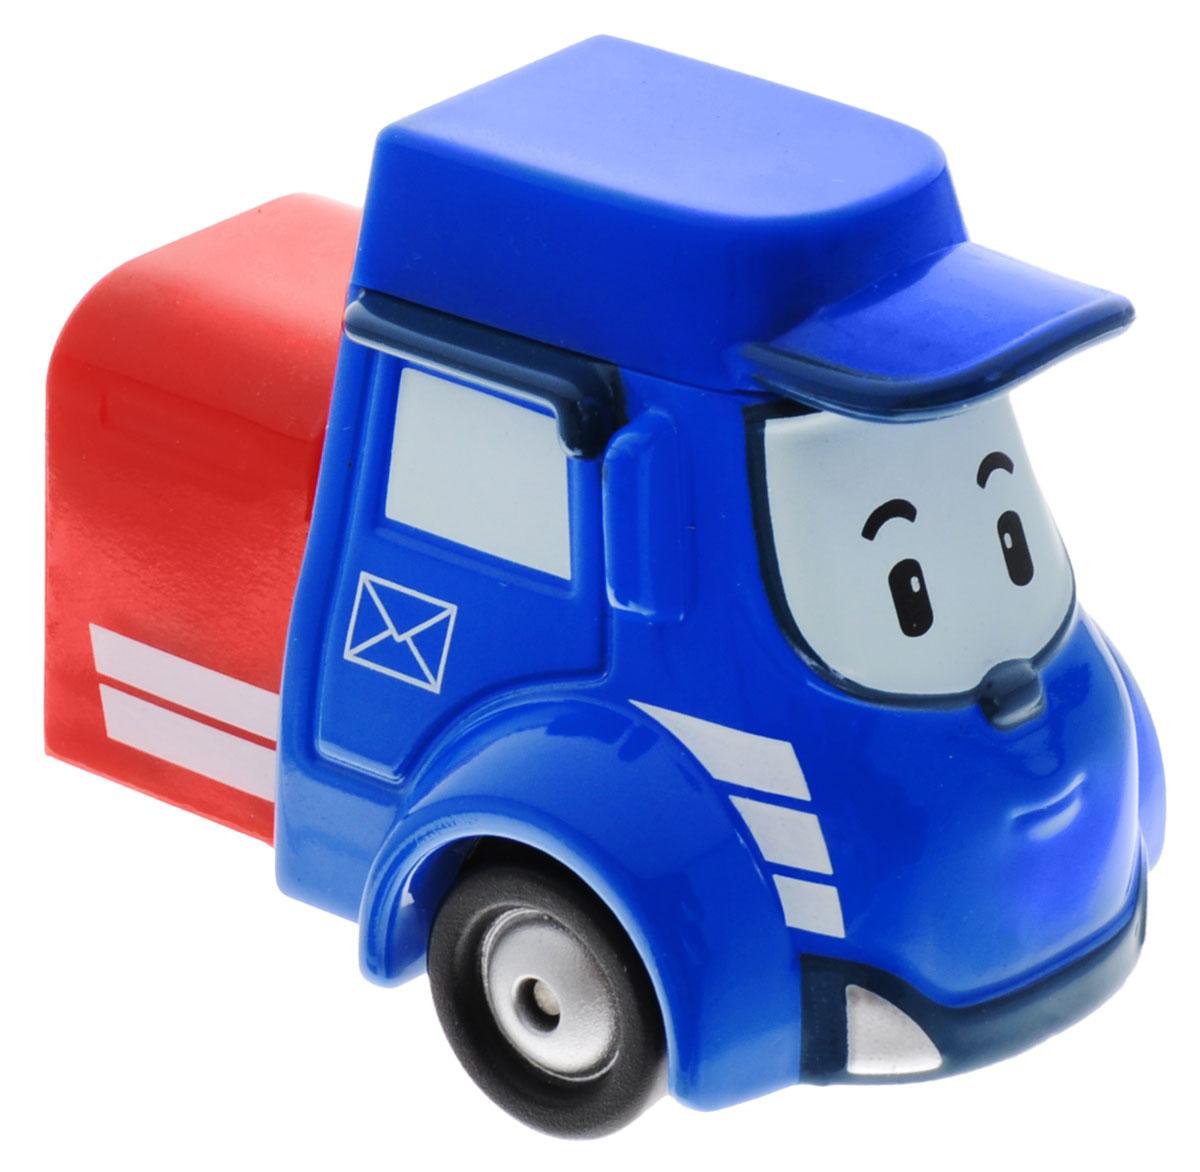 Robocar Poli Машинка Пости83178Машинка Robocar Poli Пости непременно понравится вашему малышу. Она выполнена из металла с элементами пластика. Пости - это замечательный почтовый грузовичок. Он очень ответственный, поэтому стремится довести почту точно в срок. Его красный прицеп с письмами видно издалека и он спешит порадовать всех хорошими вестями. Благодаря небольшому размеру ребенок сможет взять игрушку с собой на прогулку, в поездку или в гости. Порадуйте своего малыша таким замечательным подарком!